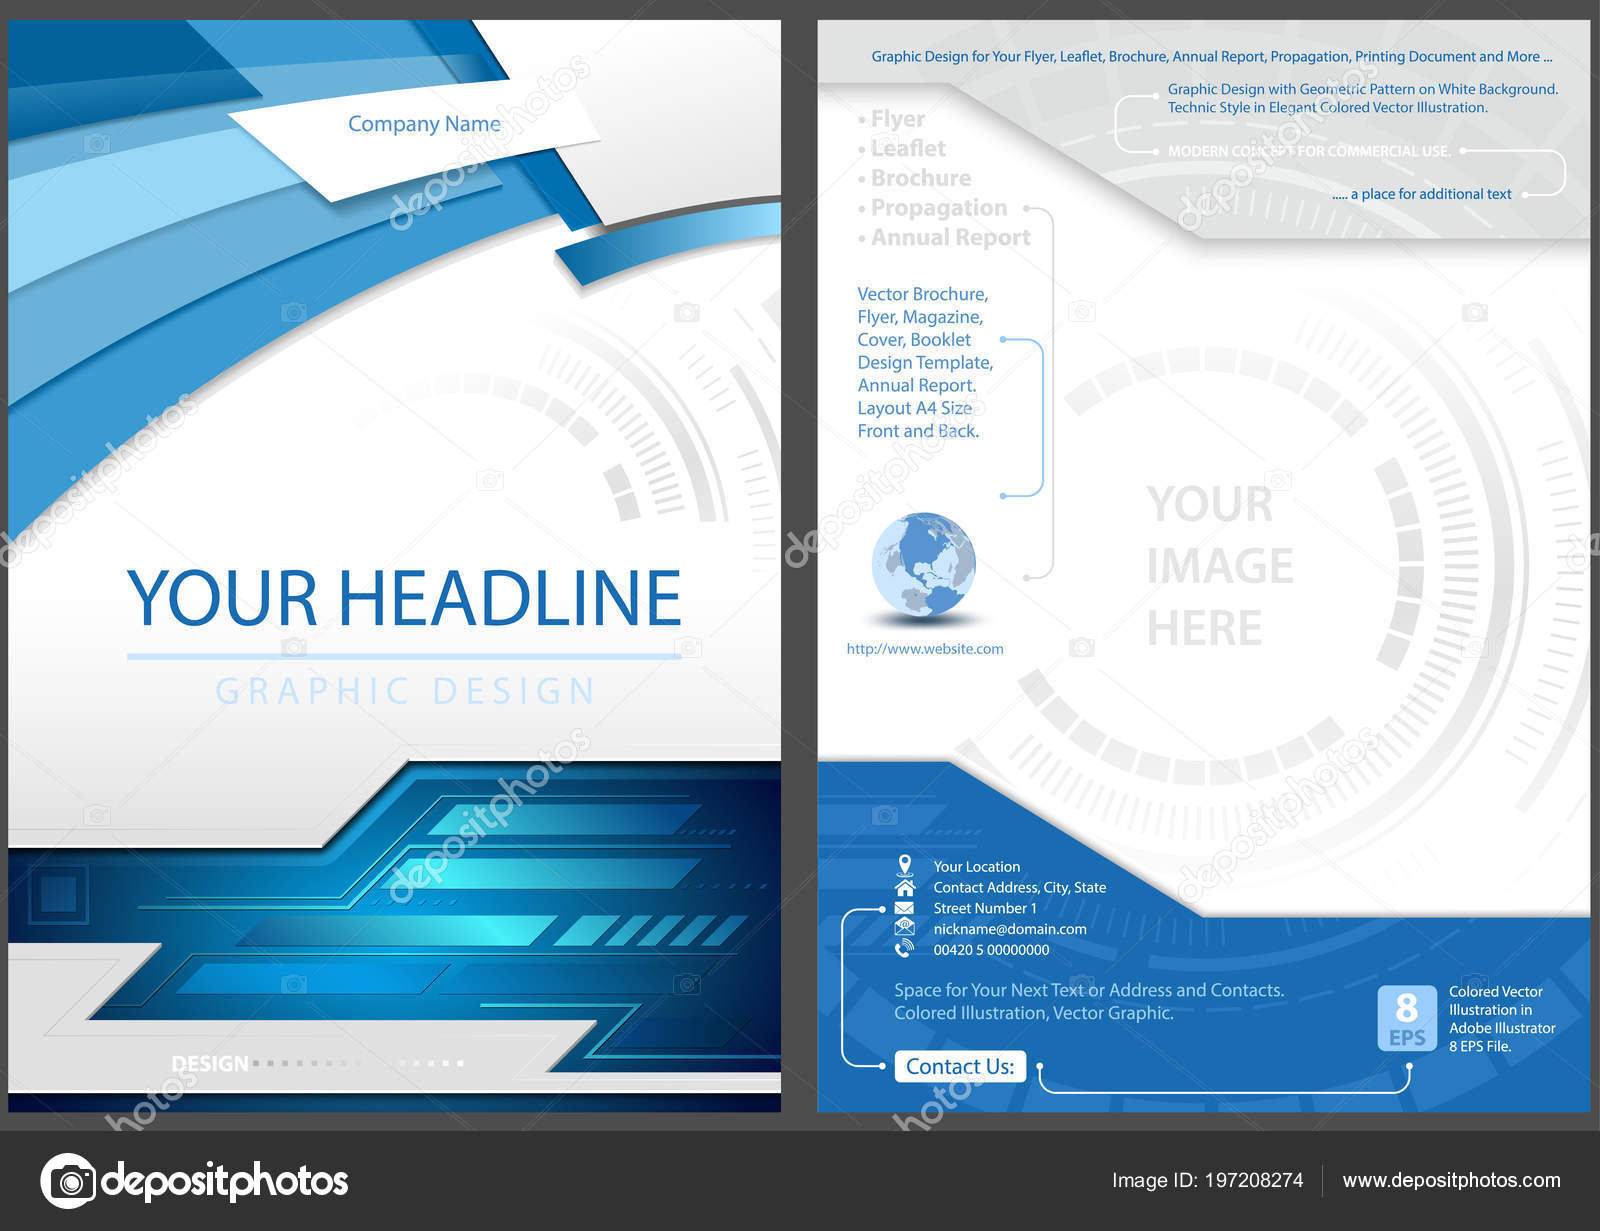 Increíble Adobe En Plantillas De Diseño Ilustración - Ejemplo De ...